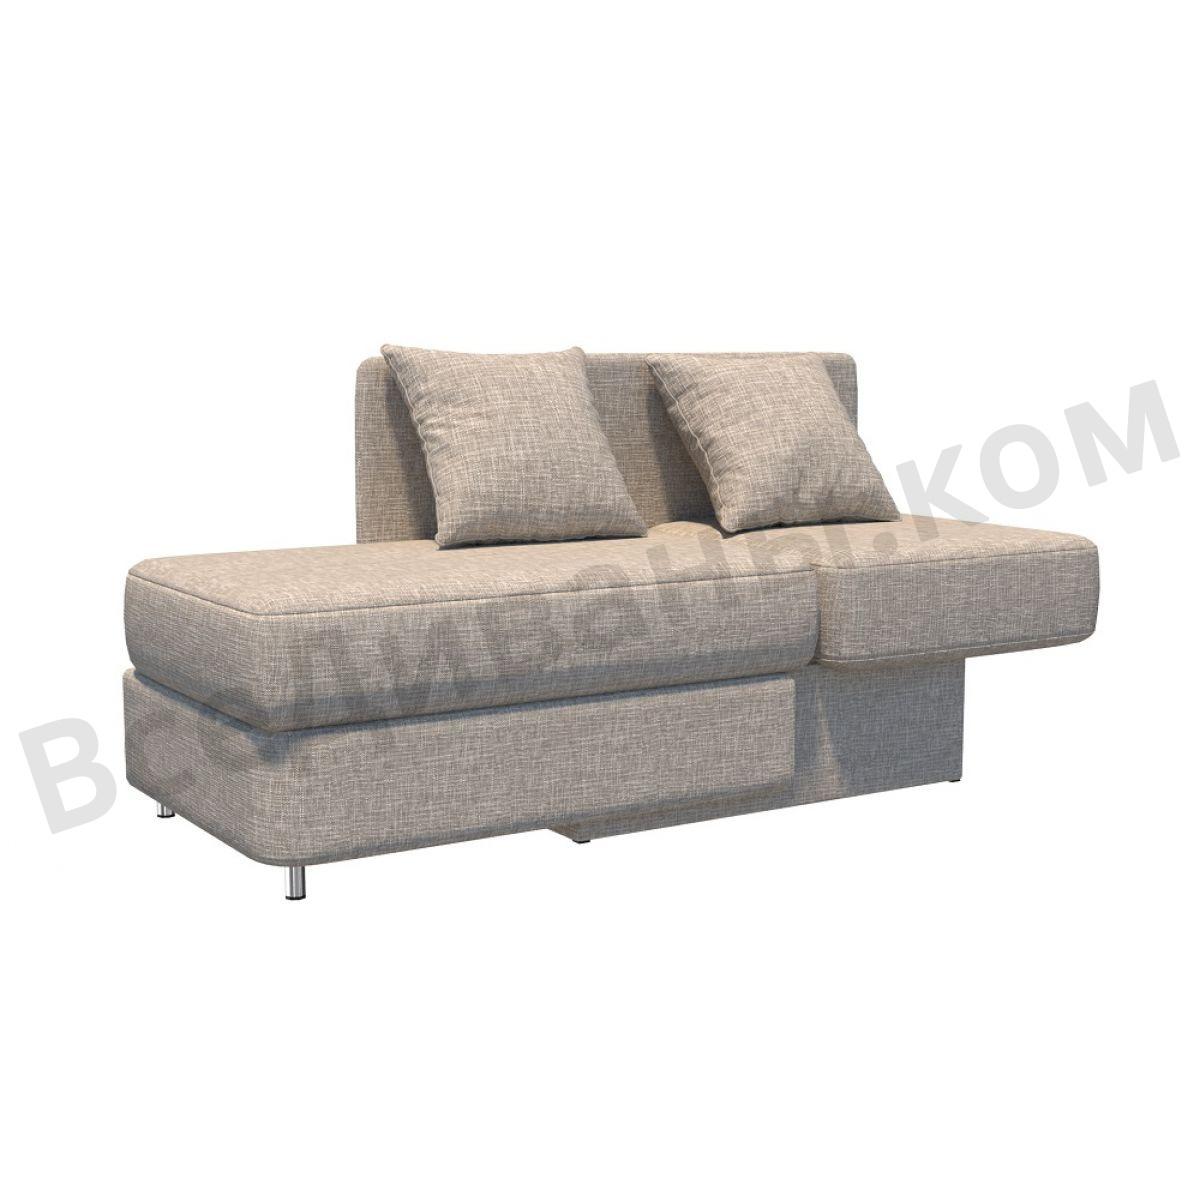 Прямой диван Леон детский, Вариант 11